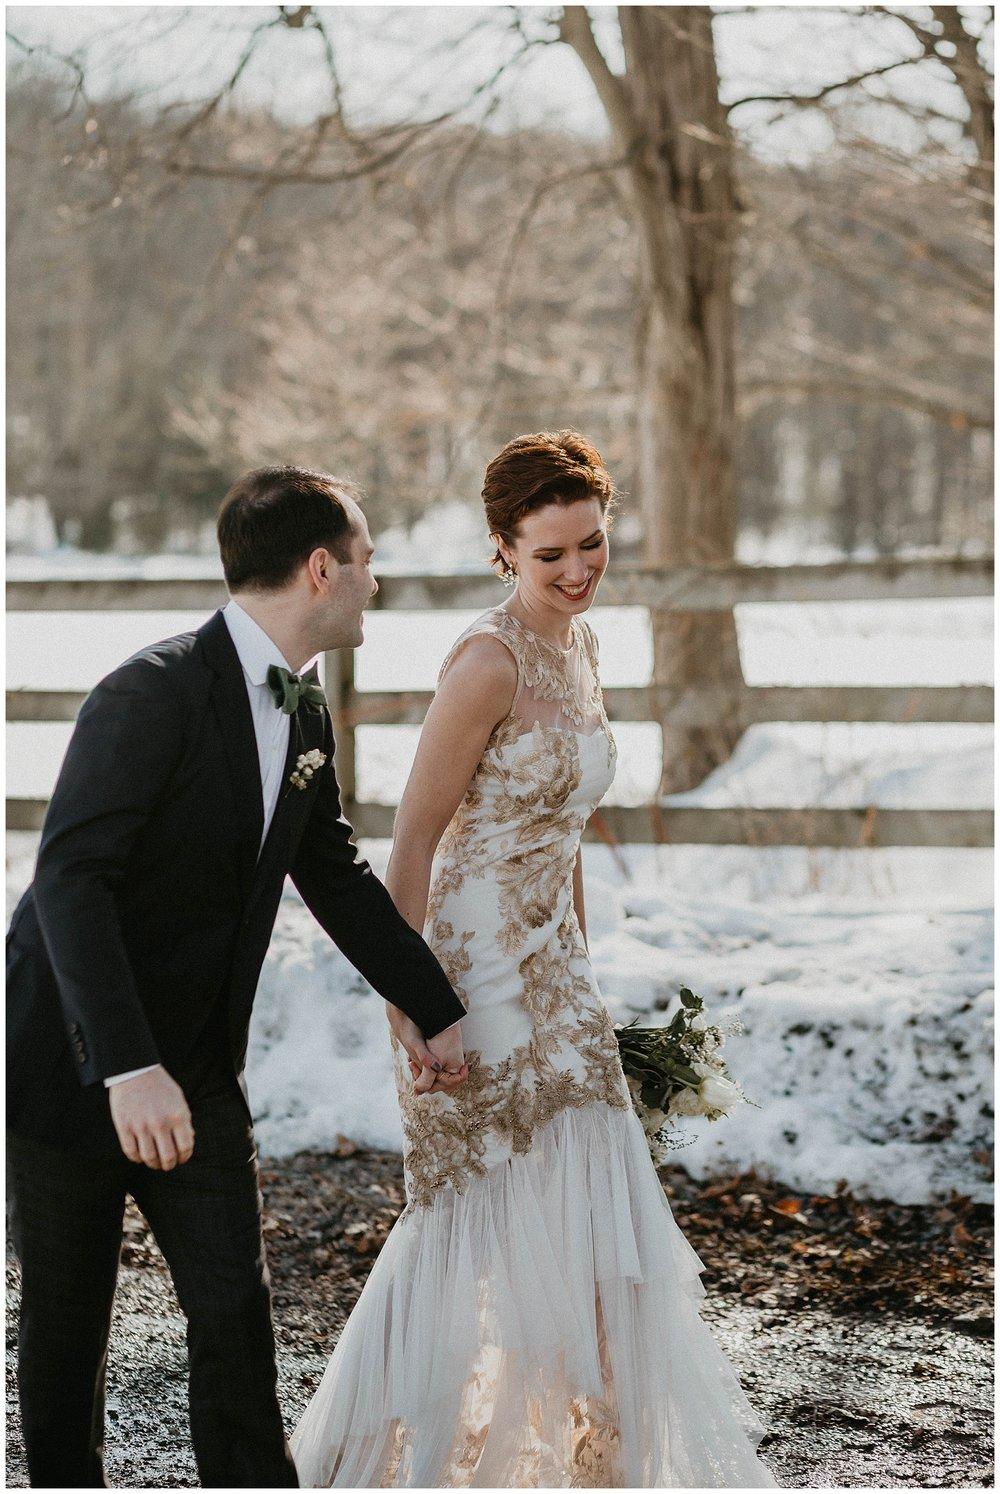 Pocono Winter Wedding with Bride and Groom_0148.jpg